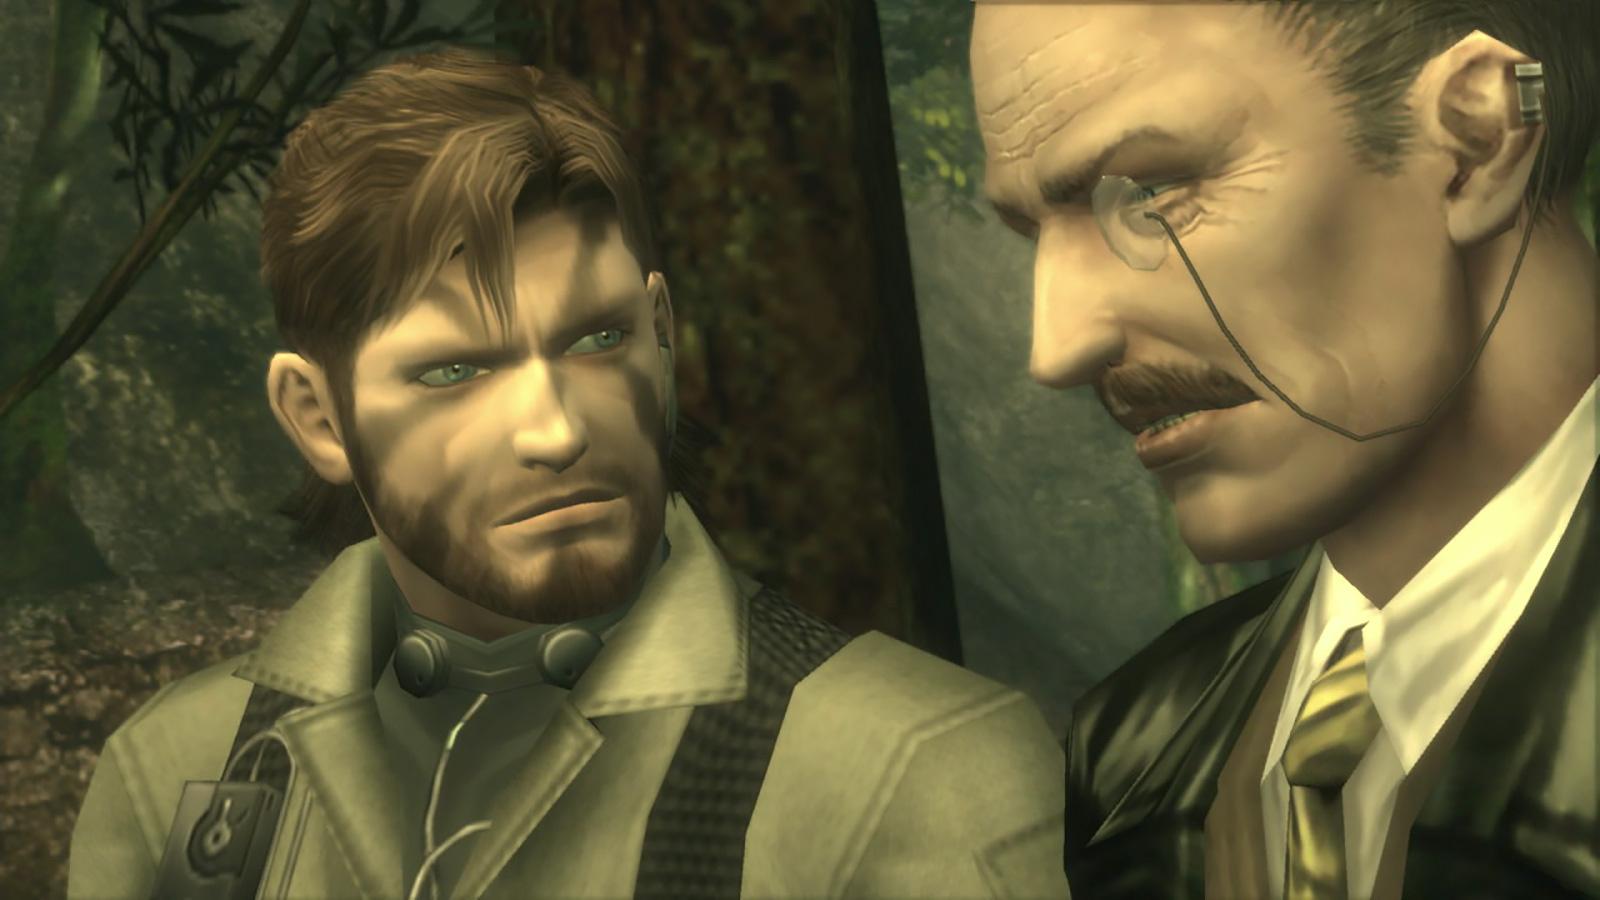 Предполагаемые авторы ремейка Metal Gear Solid3 открыли студию во Франции